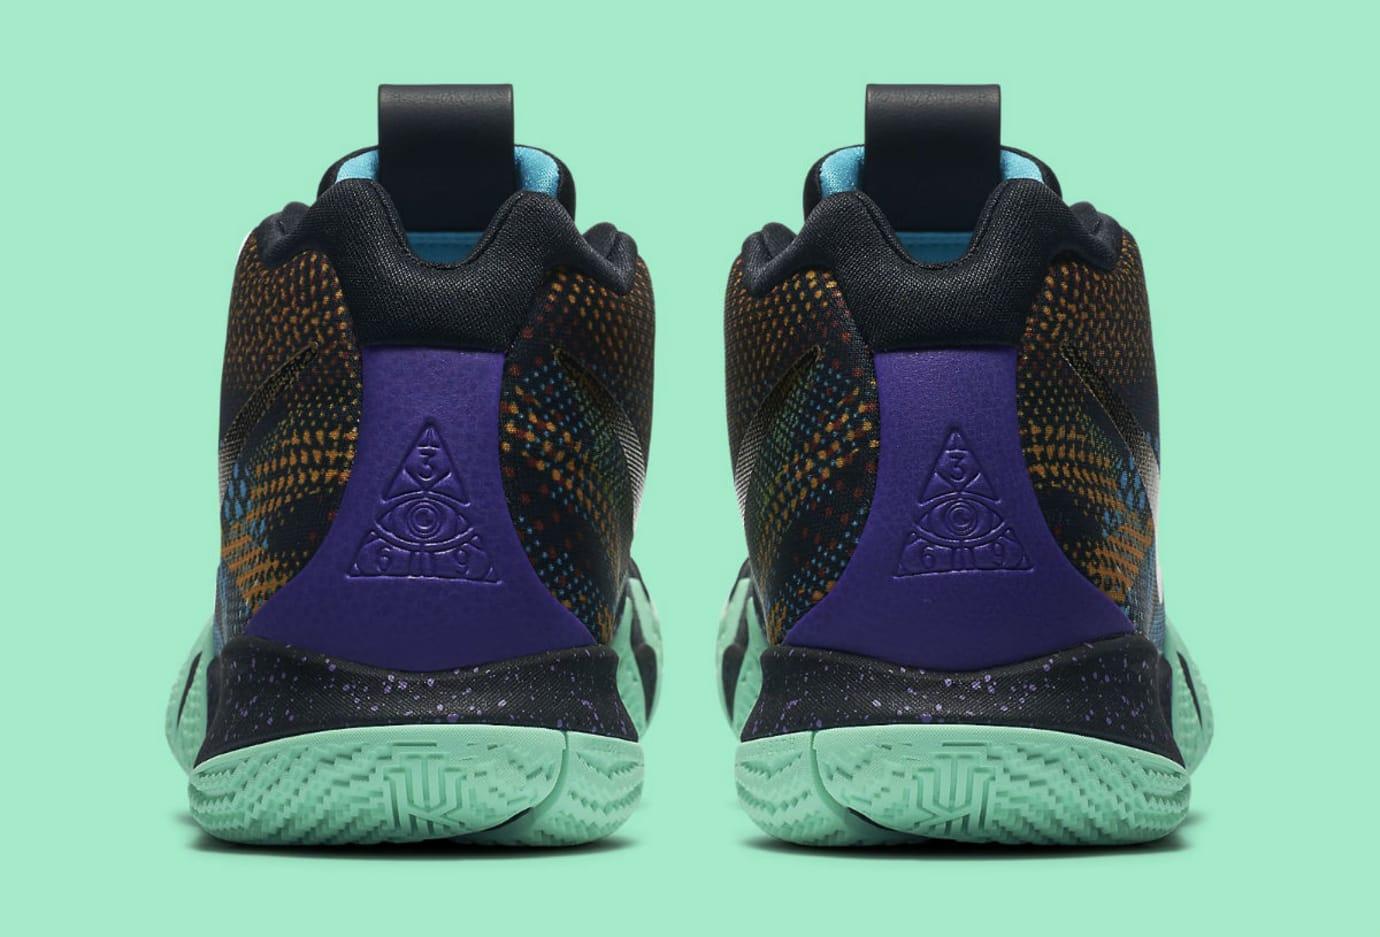 45c796e1ccd2 Nike Kyrie 4 Mamba Mentality Release Date AV2597-001 Heel